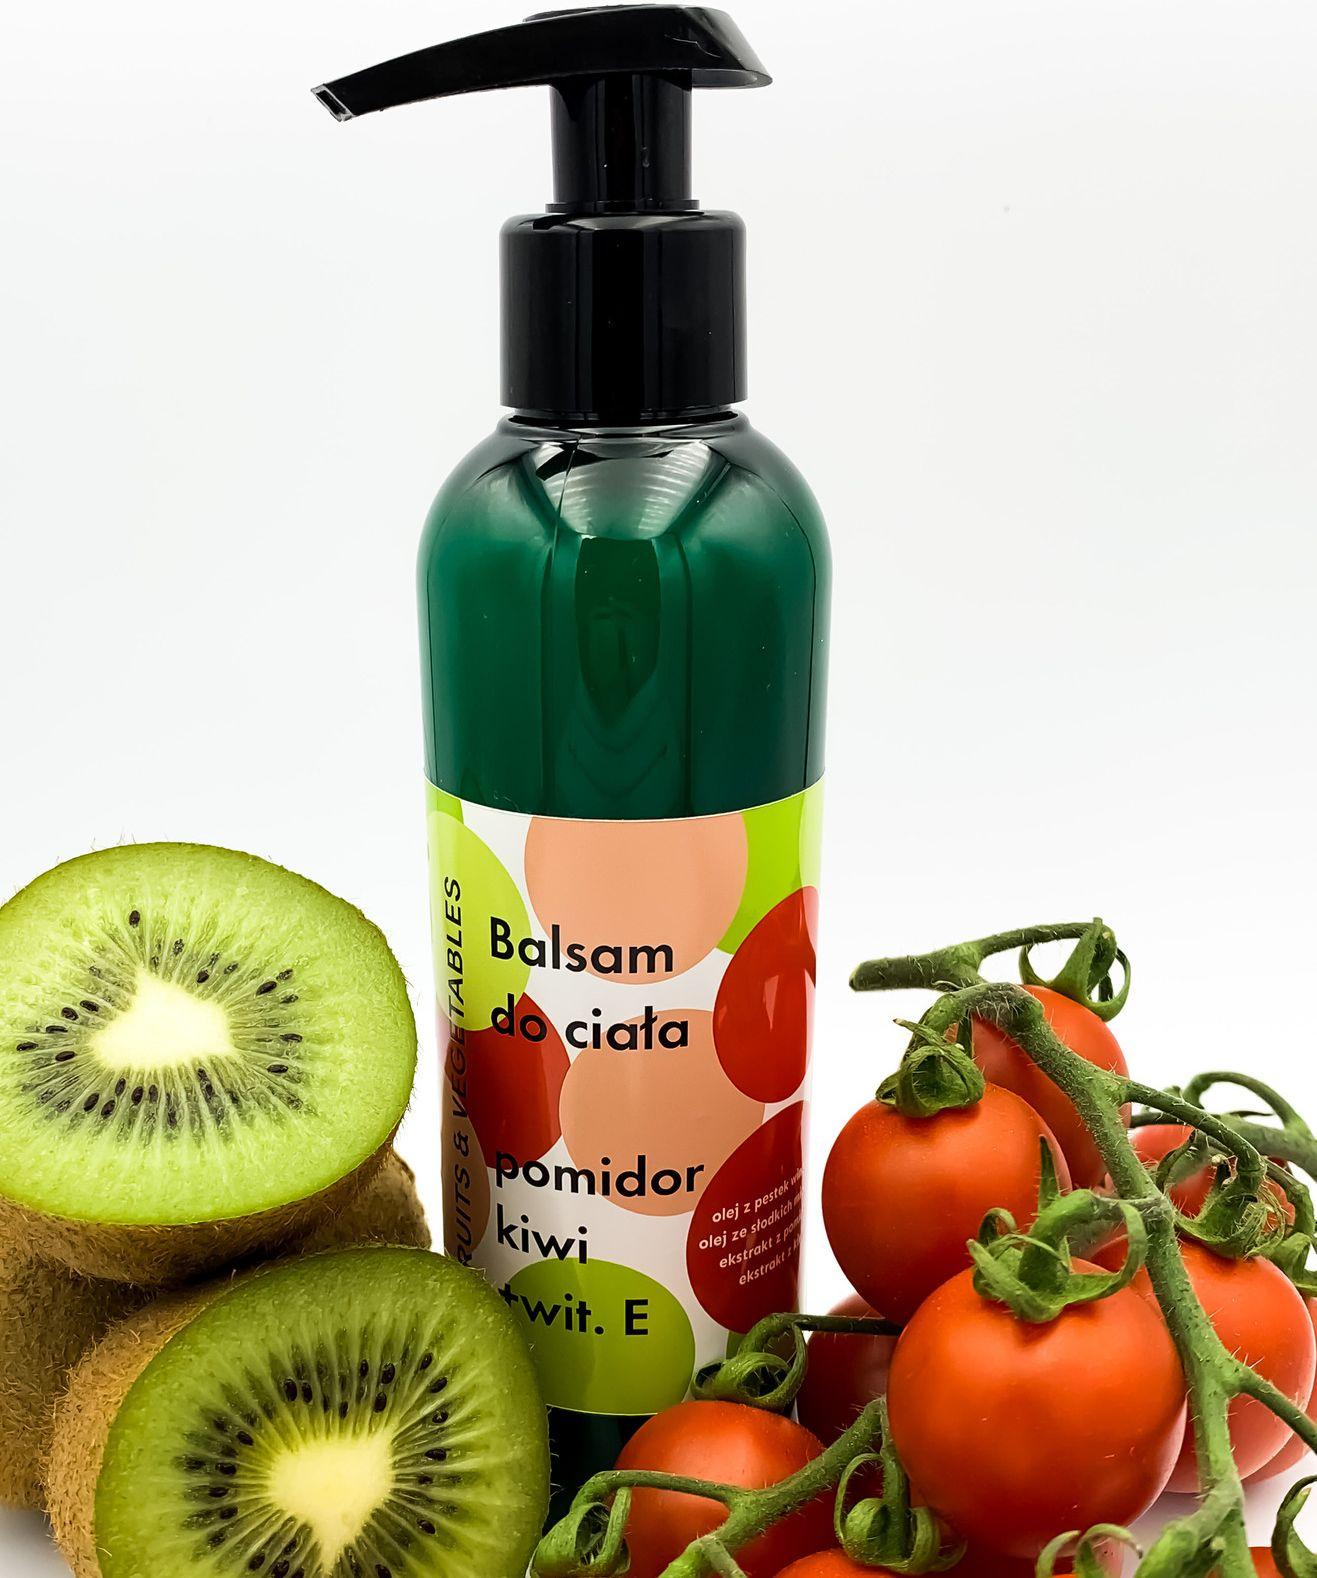 balsam-do-ciala-pomidor-kiwi_dostępne w degustacja.sklep